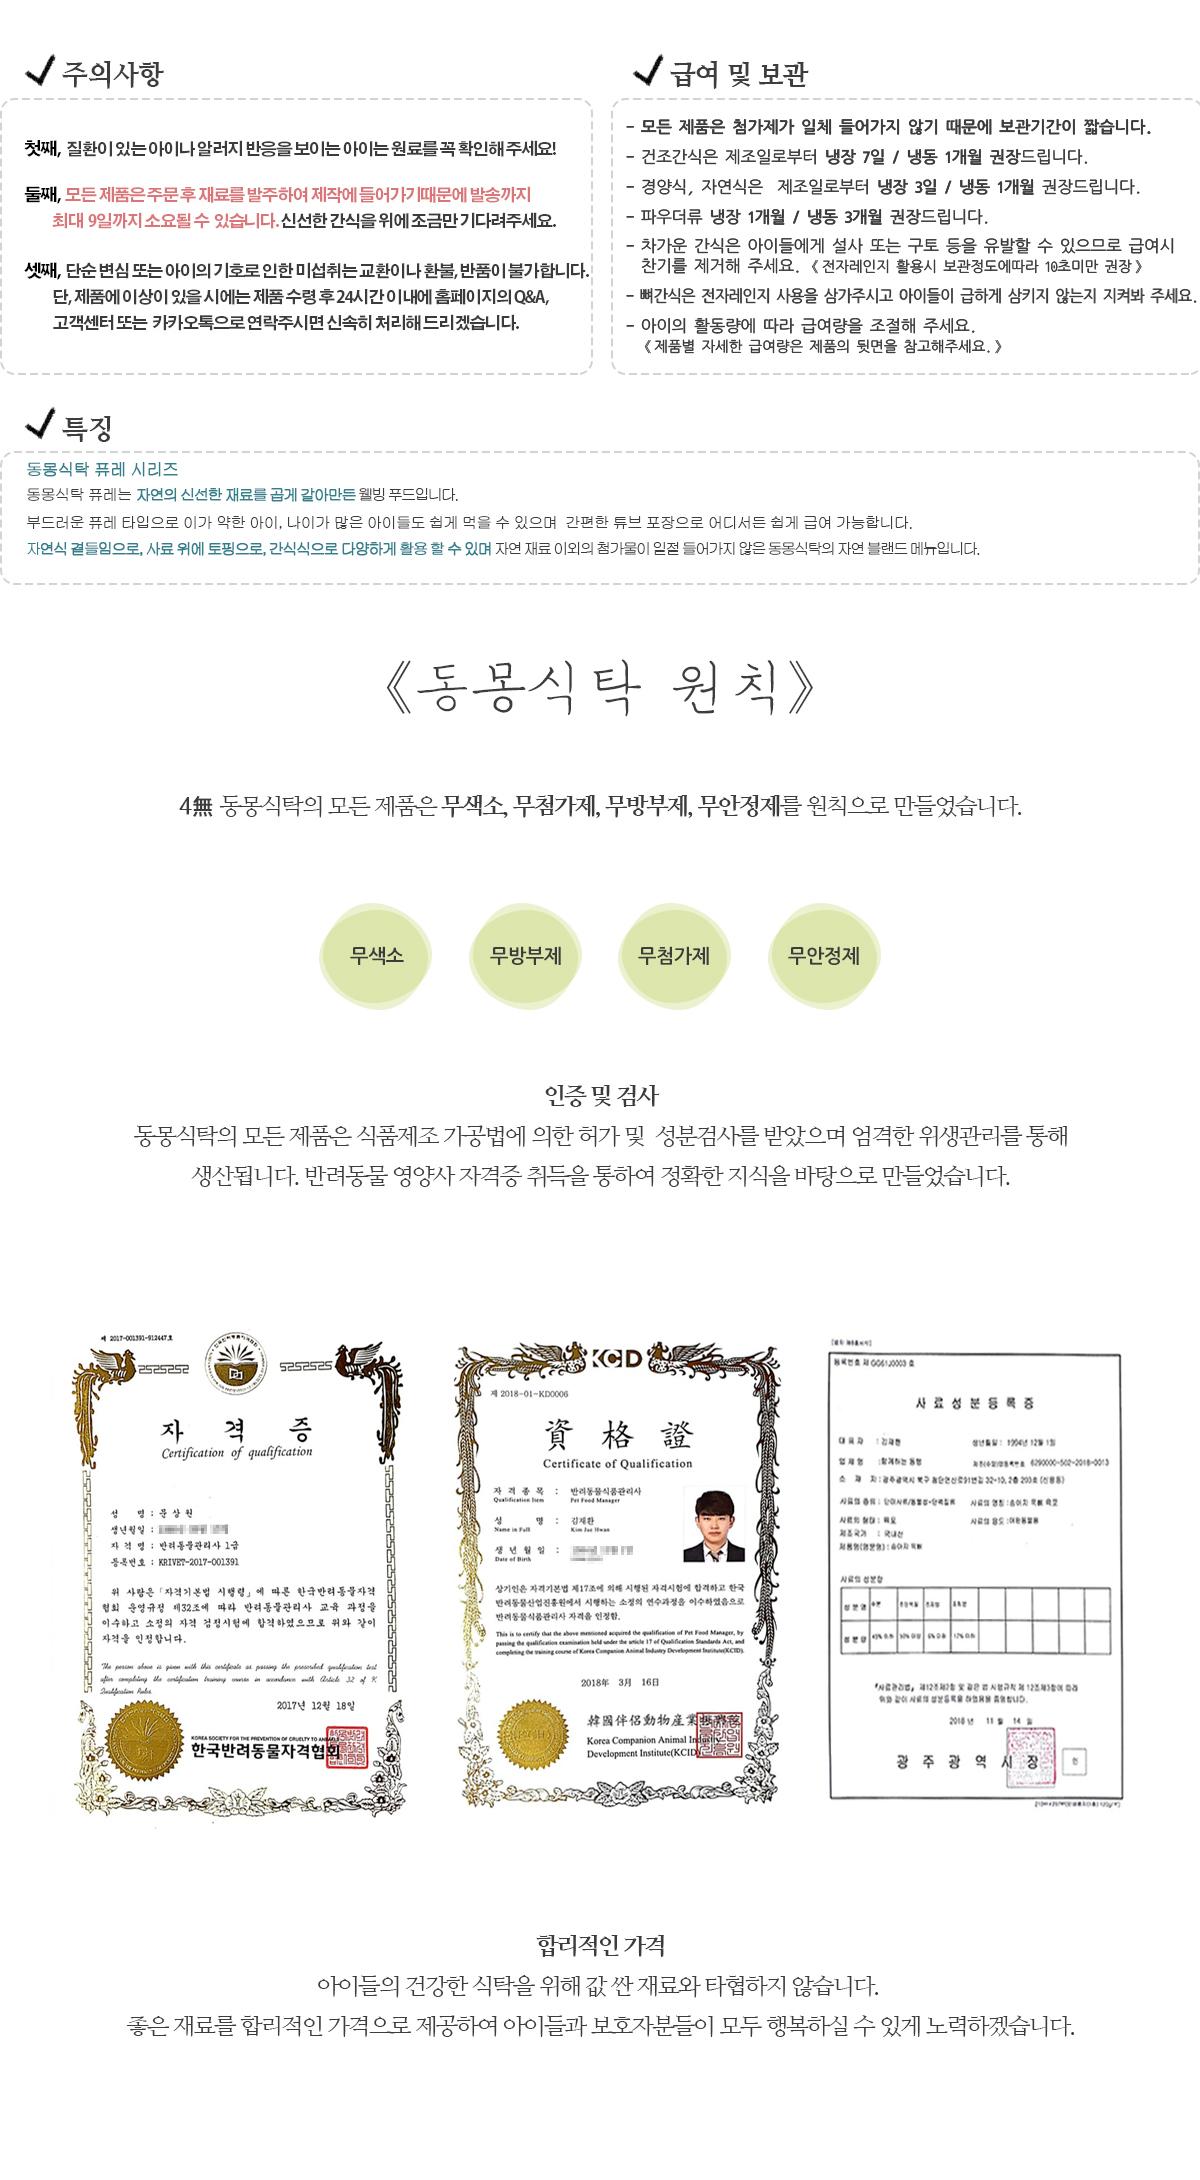 강아지 수제간식 통메추리 2p, 70g - 동몽식탁, 5,000원, 간식/영양제, 수제간식